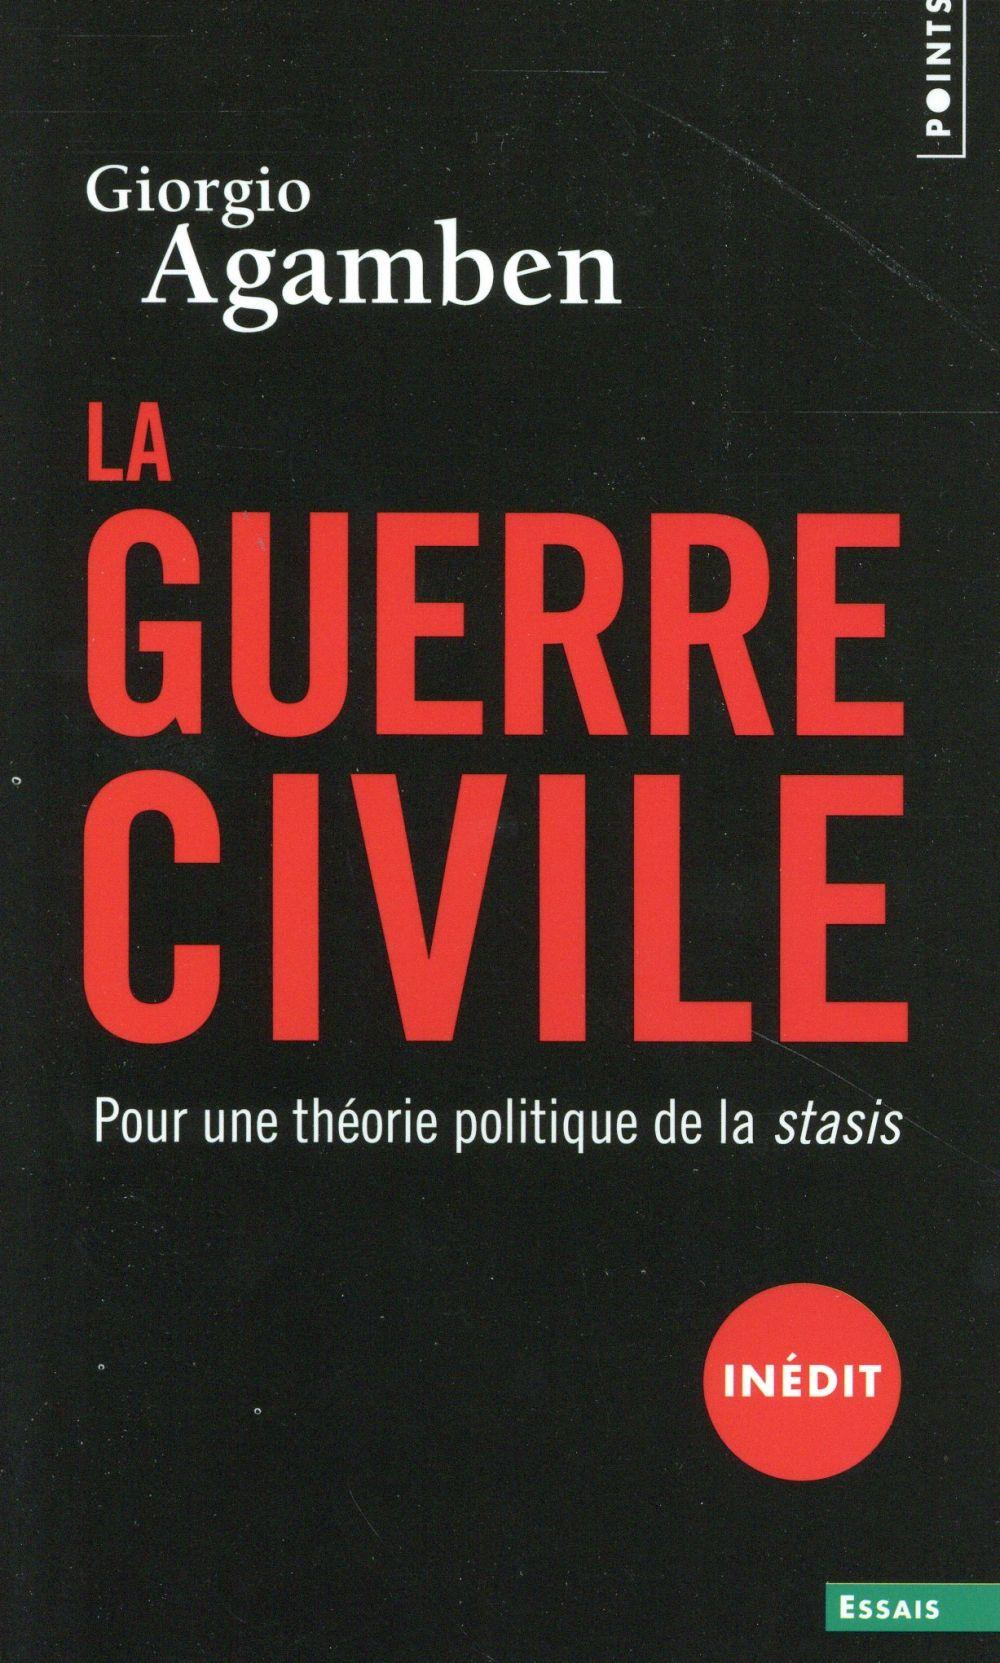 LA GUERRE CIVILE. POUR UNE THEORIE POLITIQUE DE LA STASIS